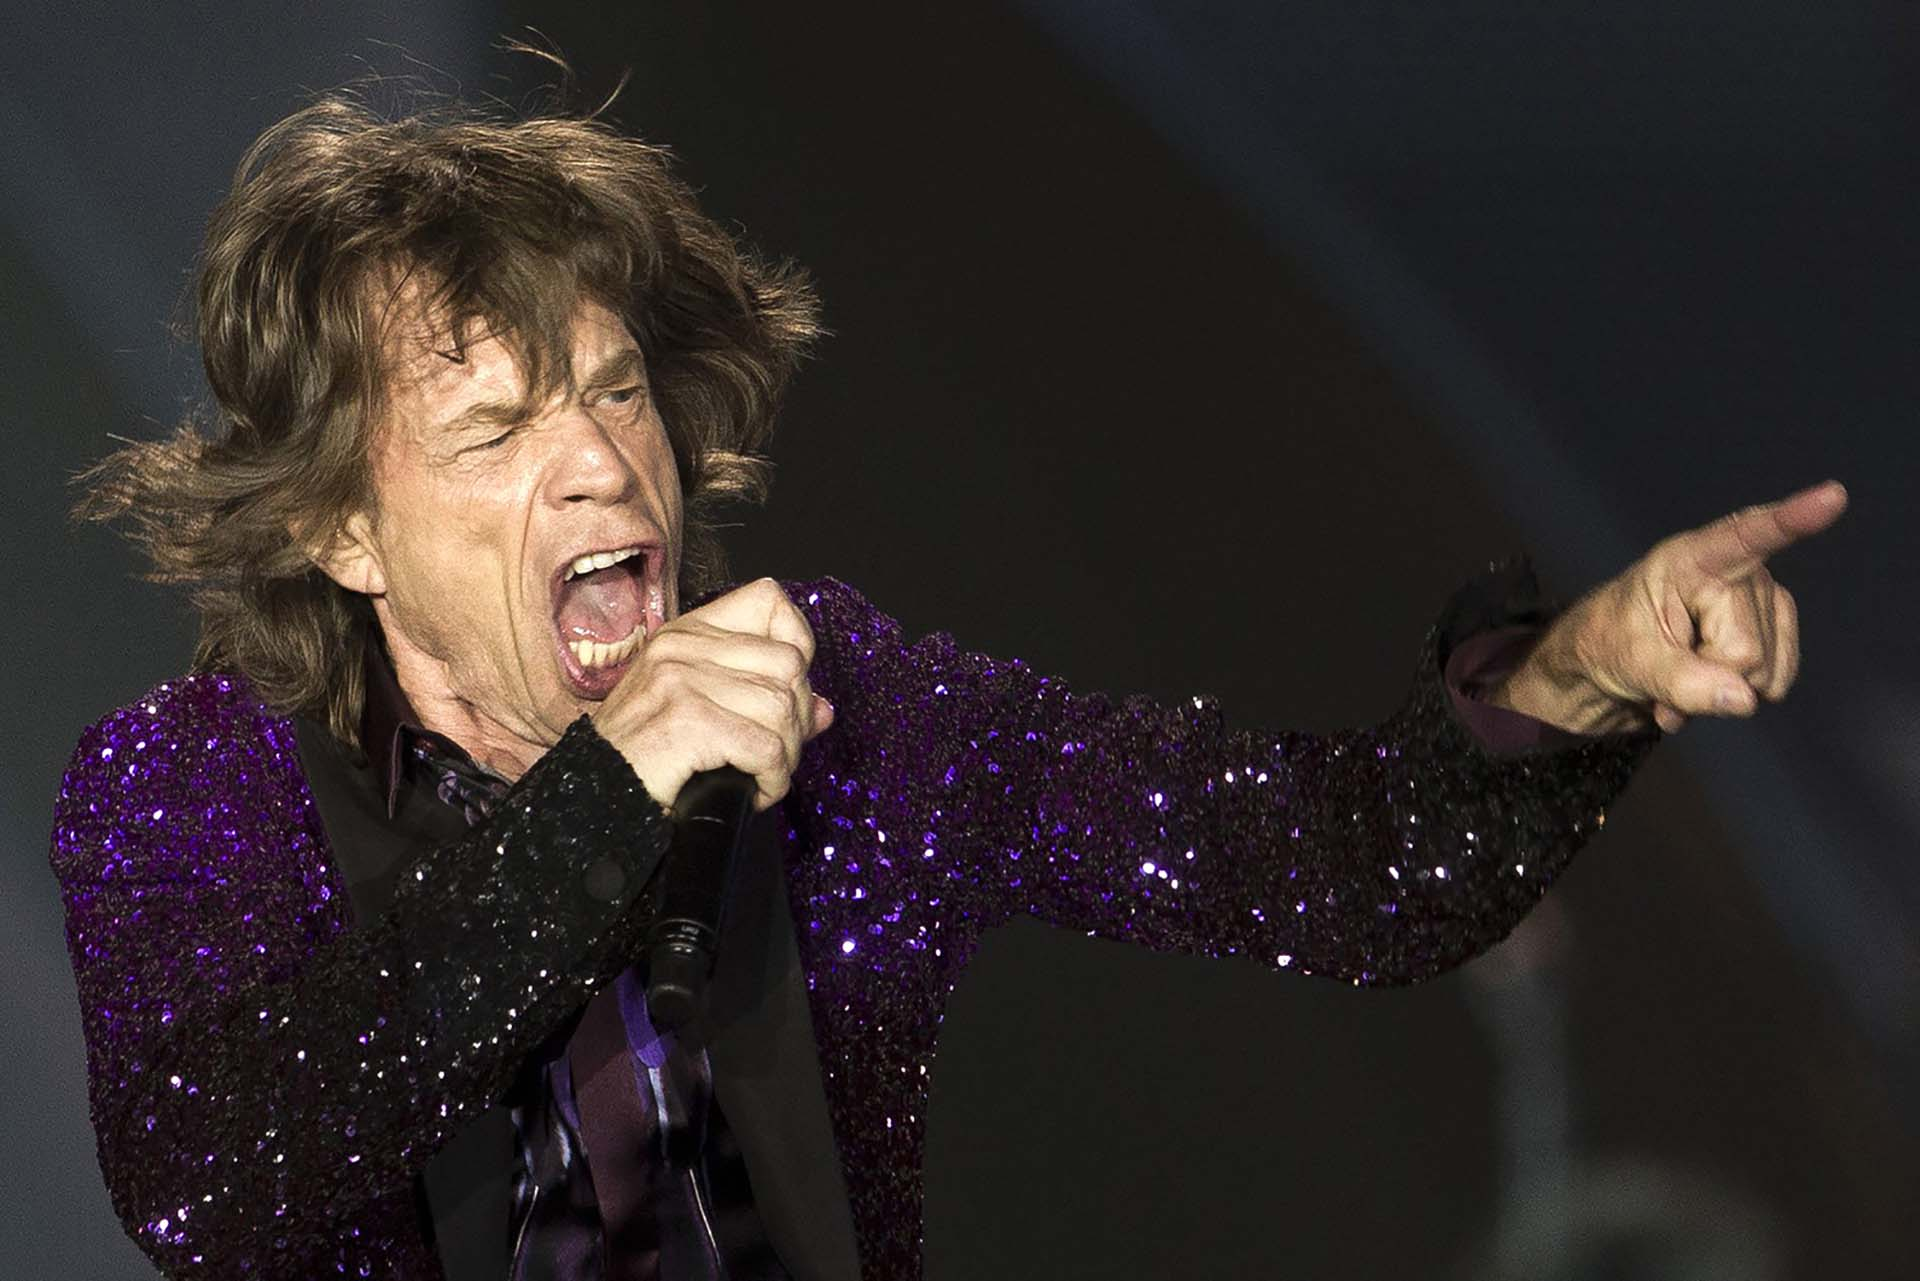 Mick Jagger, se presenta durante un concierto en Hayrkon Park en Tel Aviv, Israel, el miércoles 4 de junio de 2014